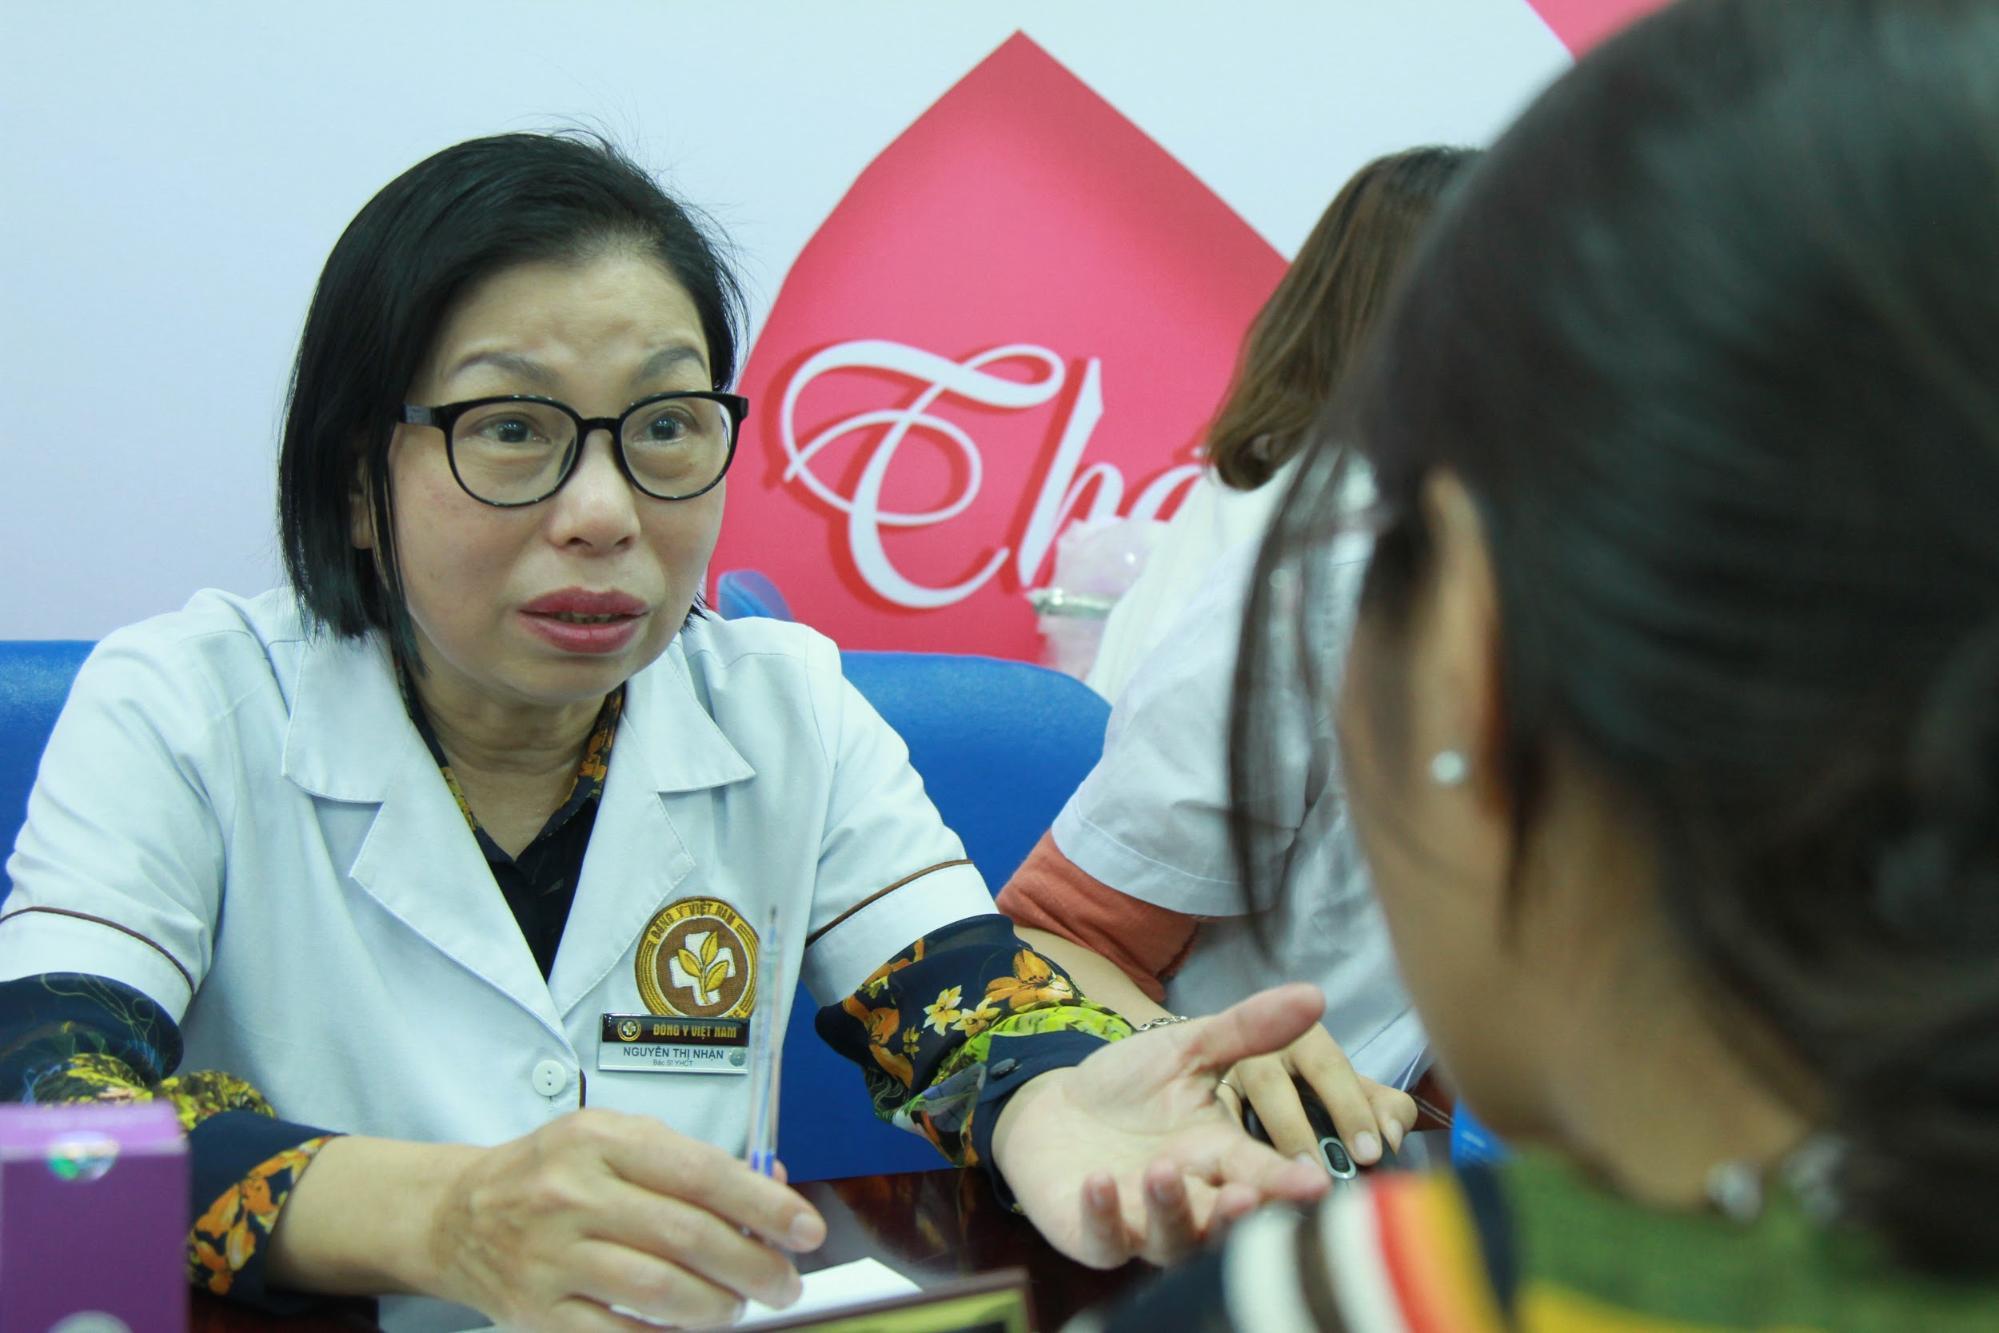 Bác sĩ Nguyễn Thị Nhặn tư vấn về tình trạng nám da